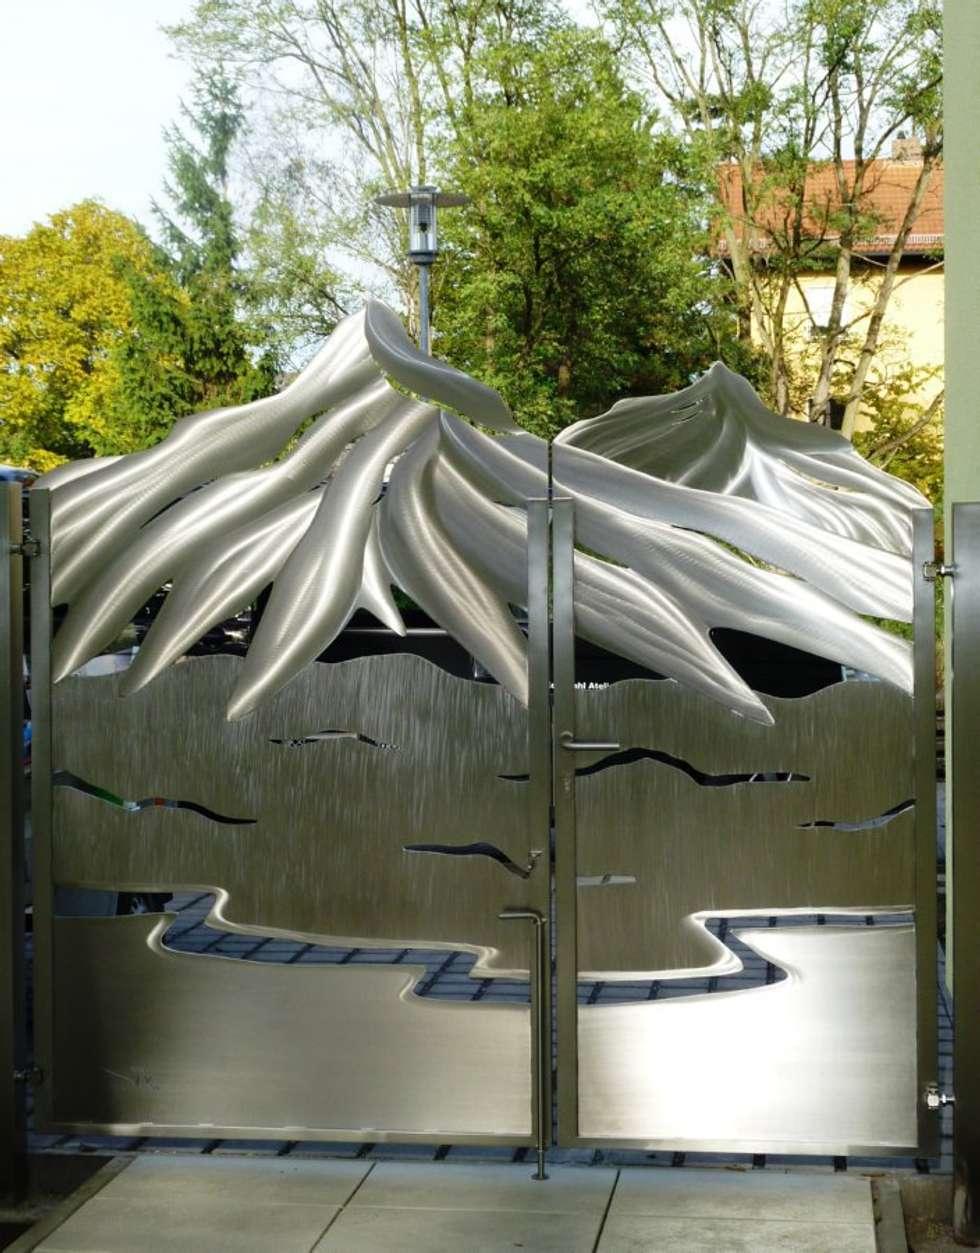 Edelstahl Tore: ausgefallener Garten von Edelstahl Atelier Crouse - Stainless Steel Atelier